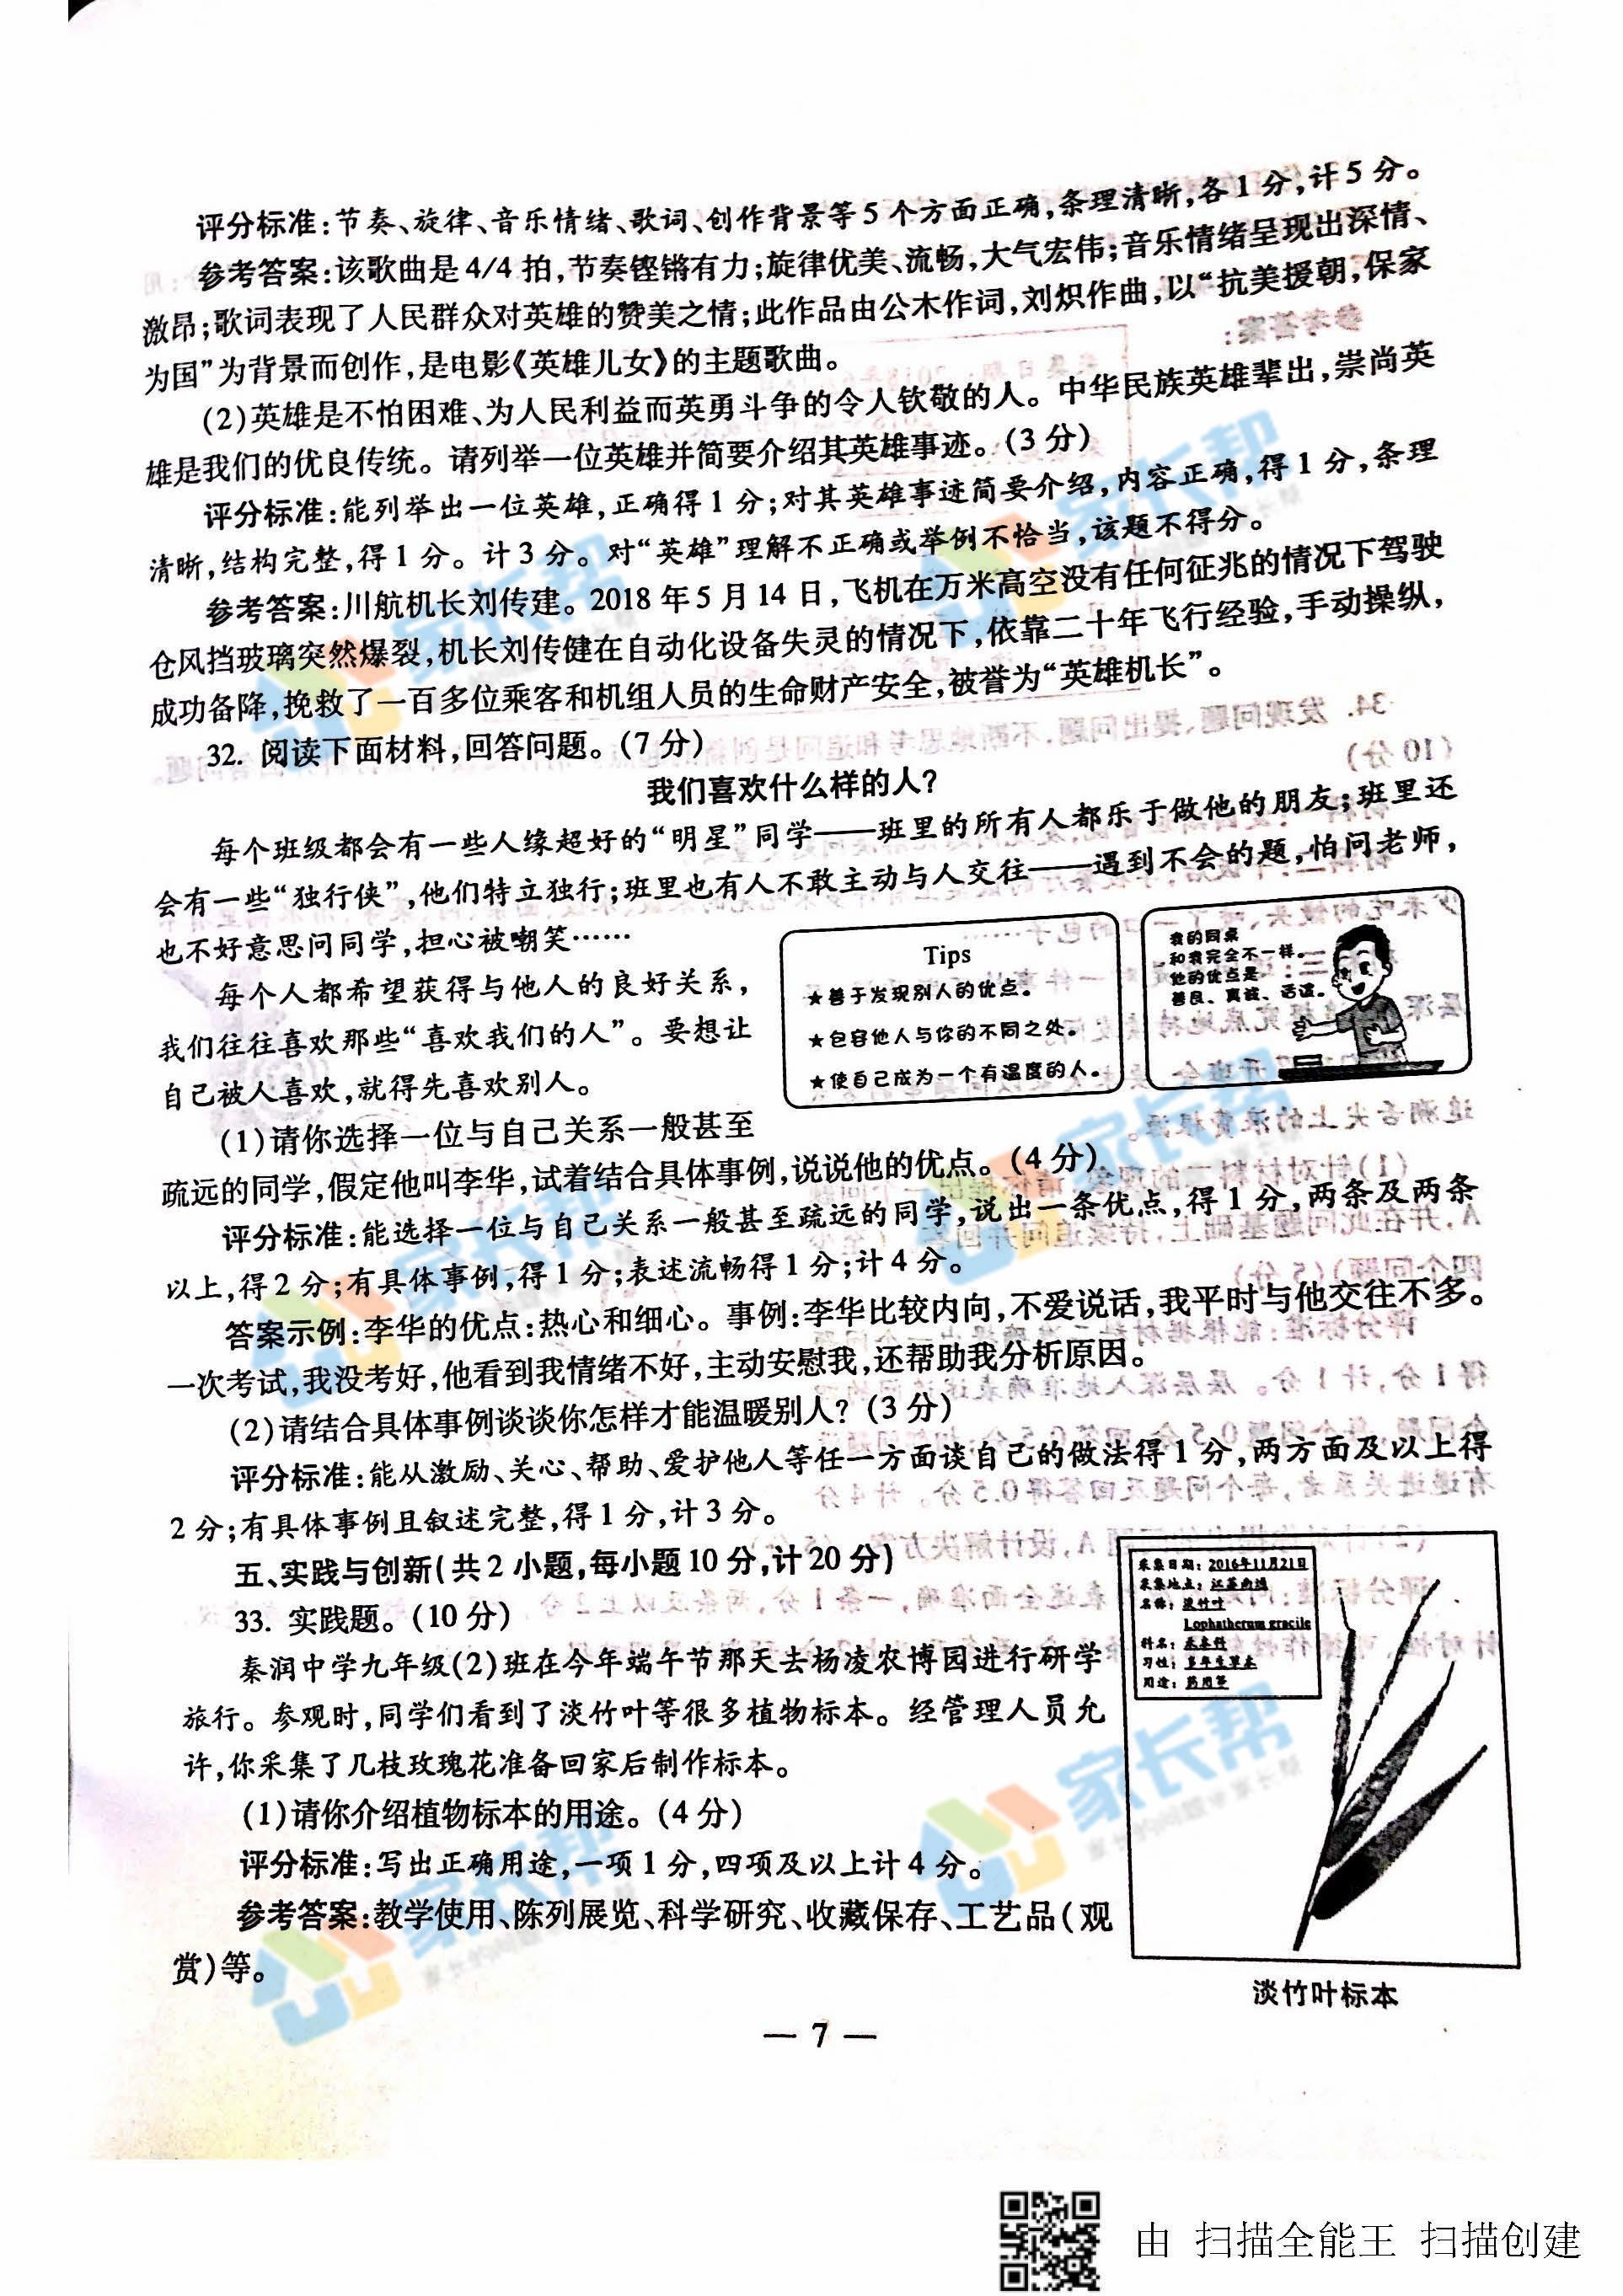 新文档 2018-06-28 18.48.51_20180628185014351_页面_7.jpg